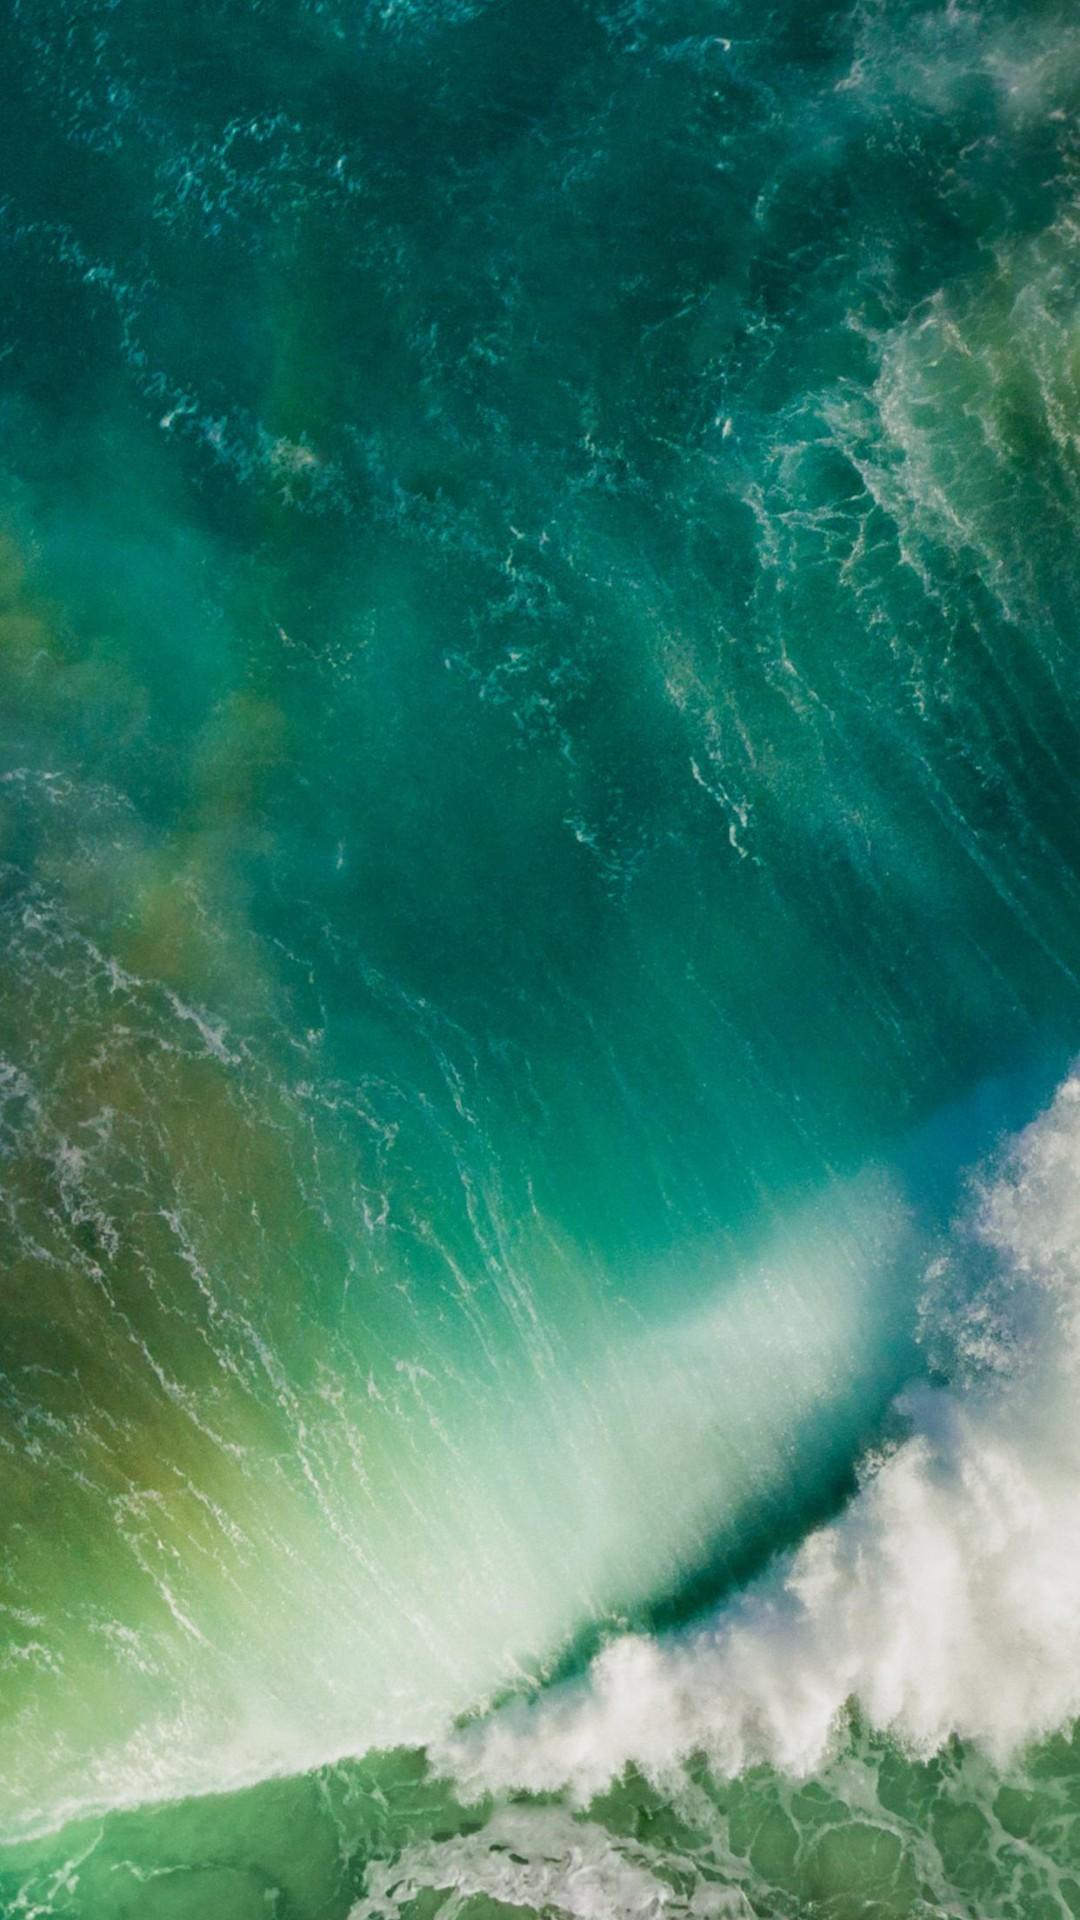 Sea green wallpaper